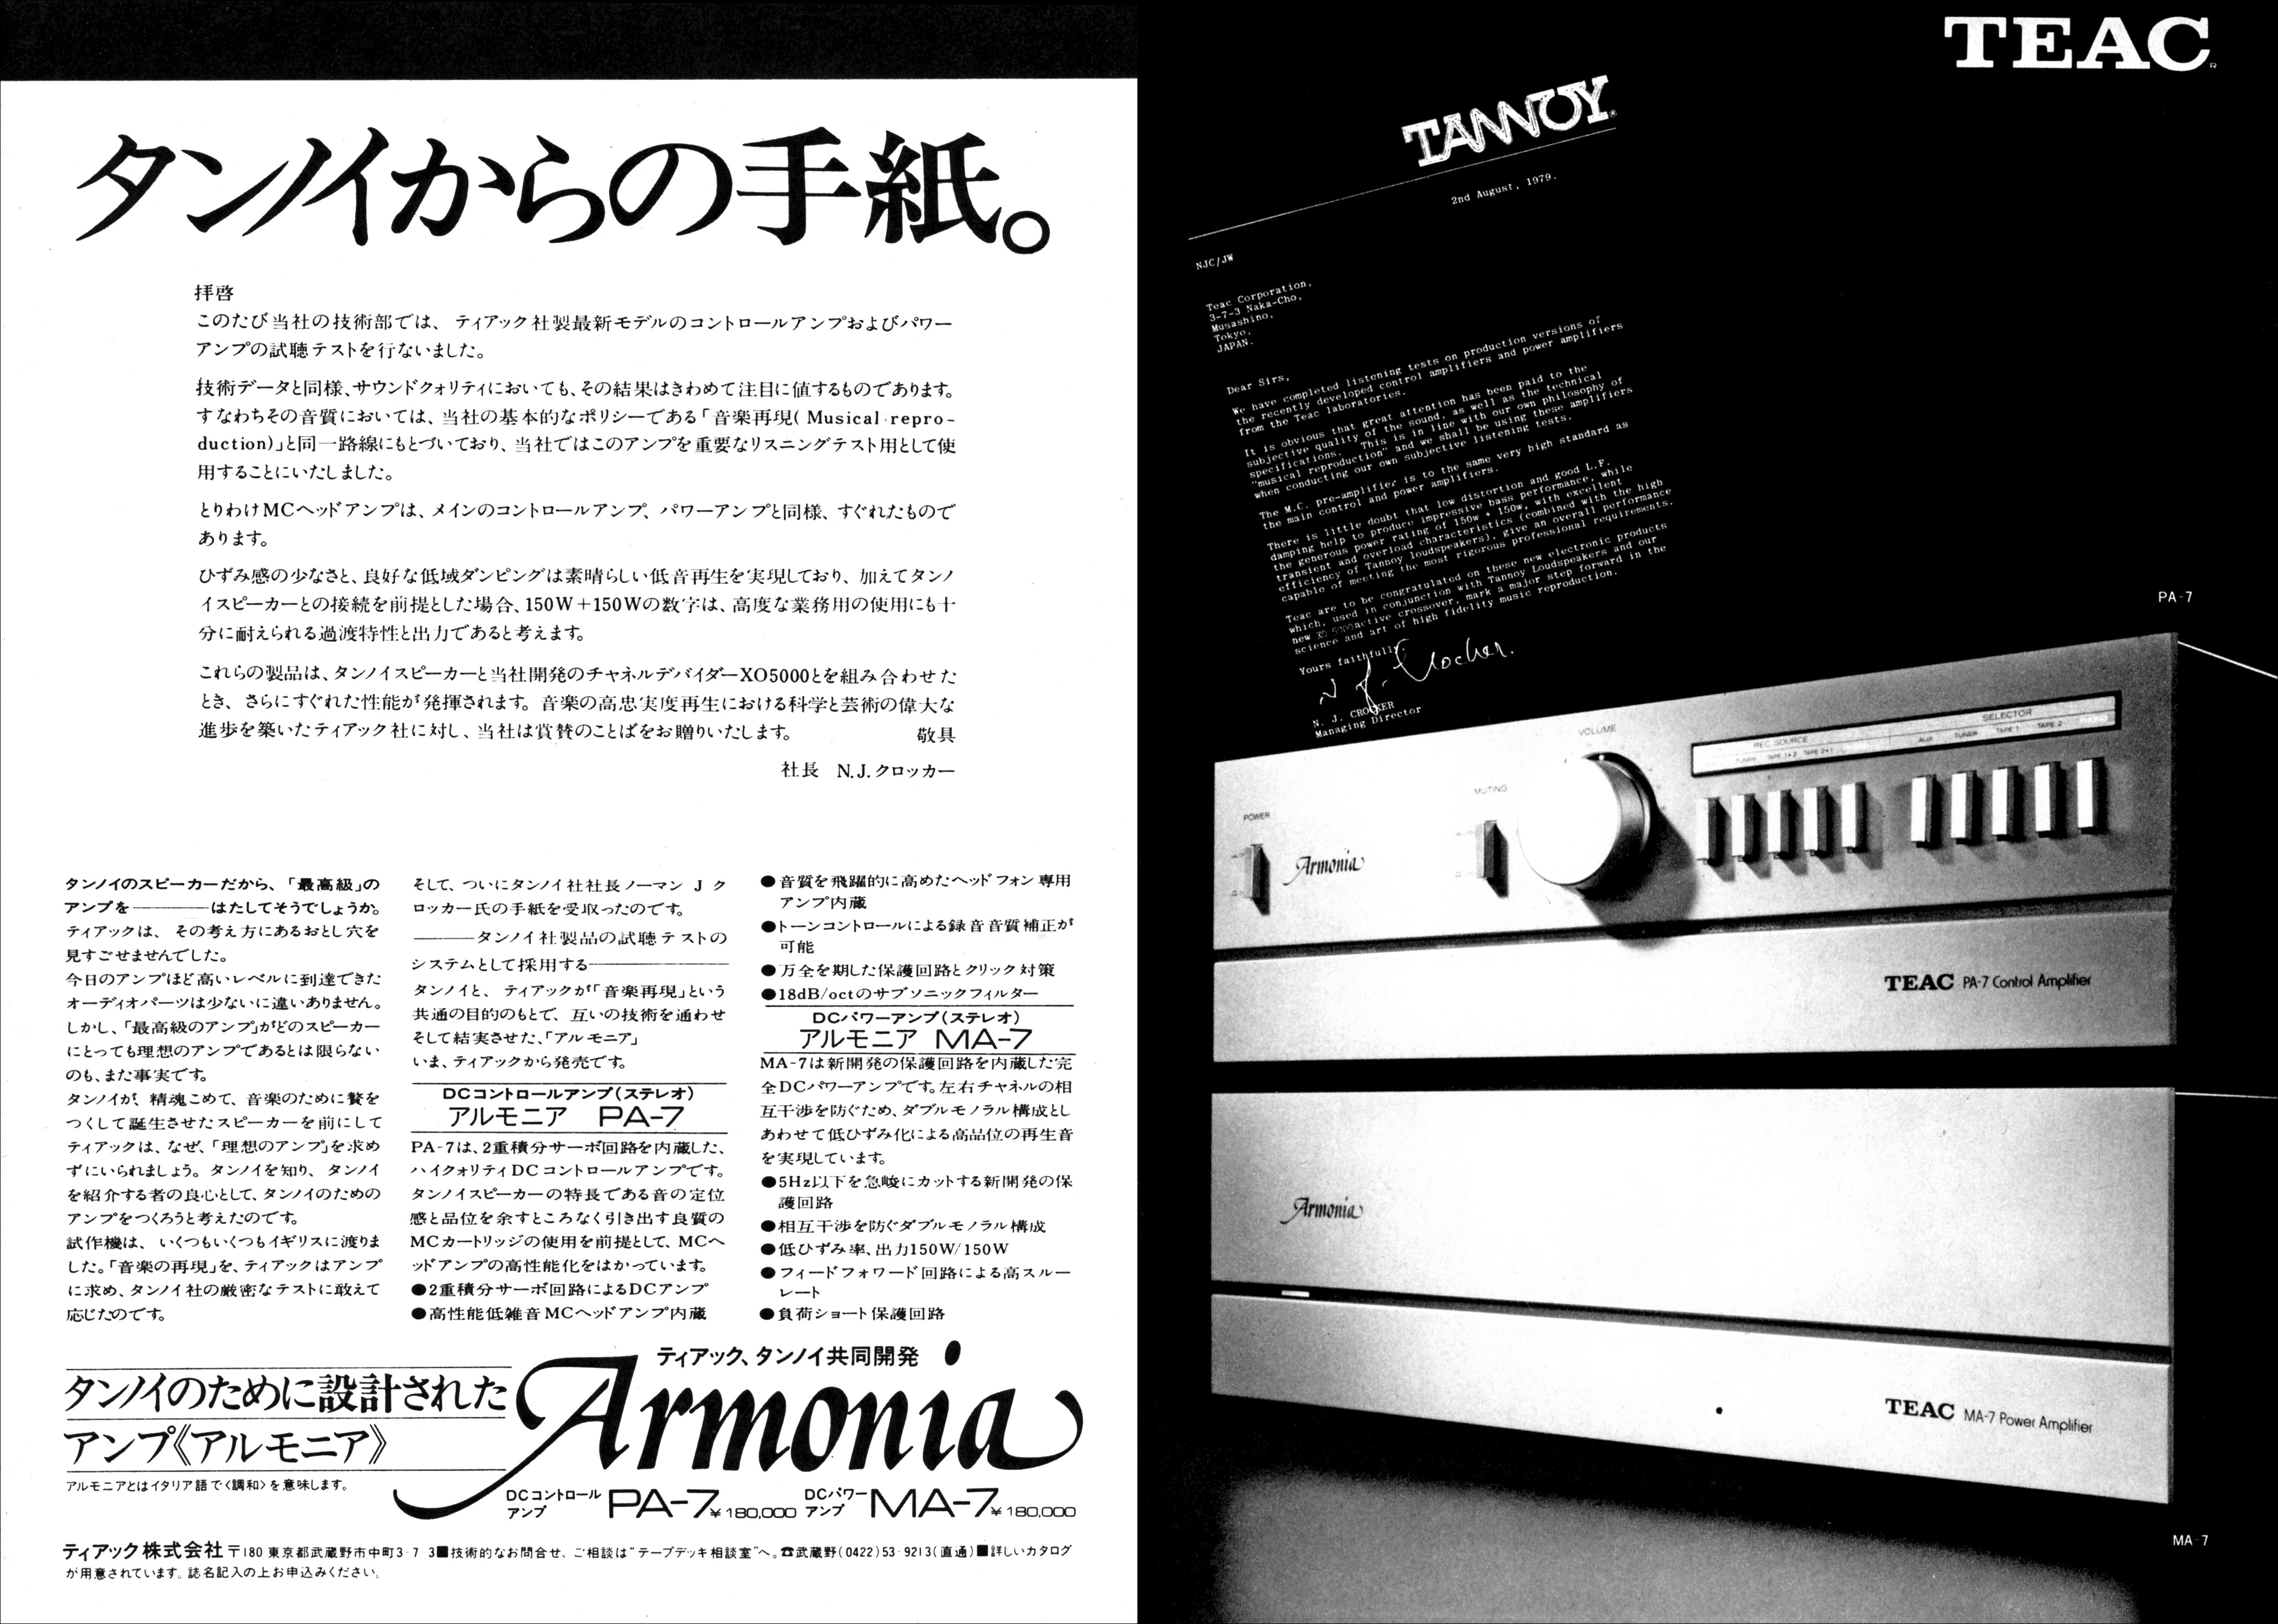 GUERRA CIVIL JAPONESA DEL AUDIO (70,s 80,s) - Página 14 TEAC